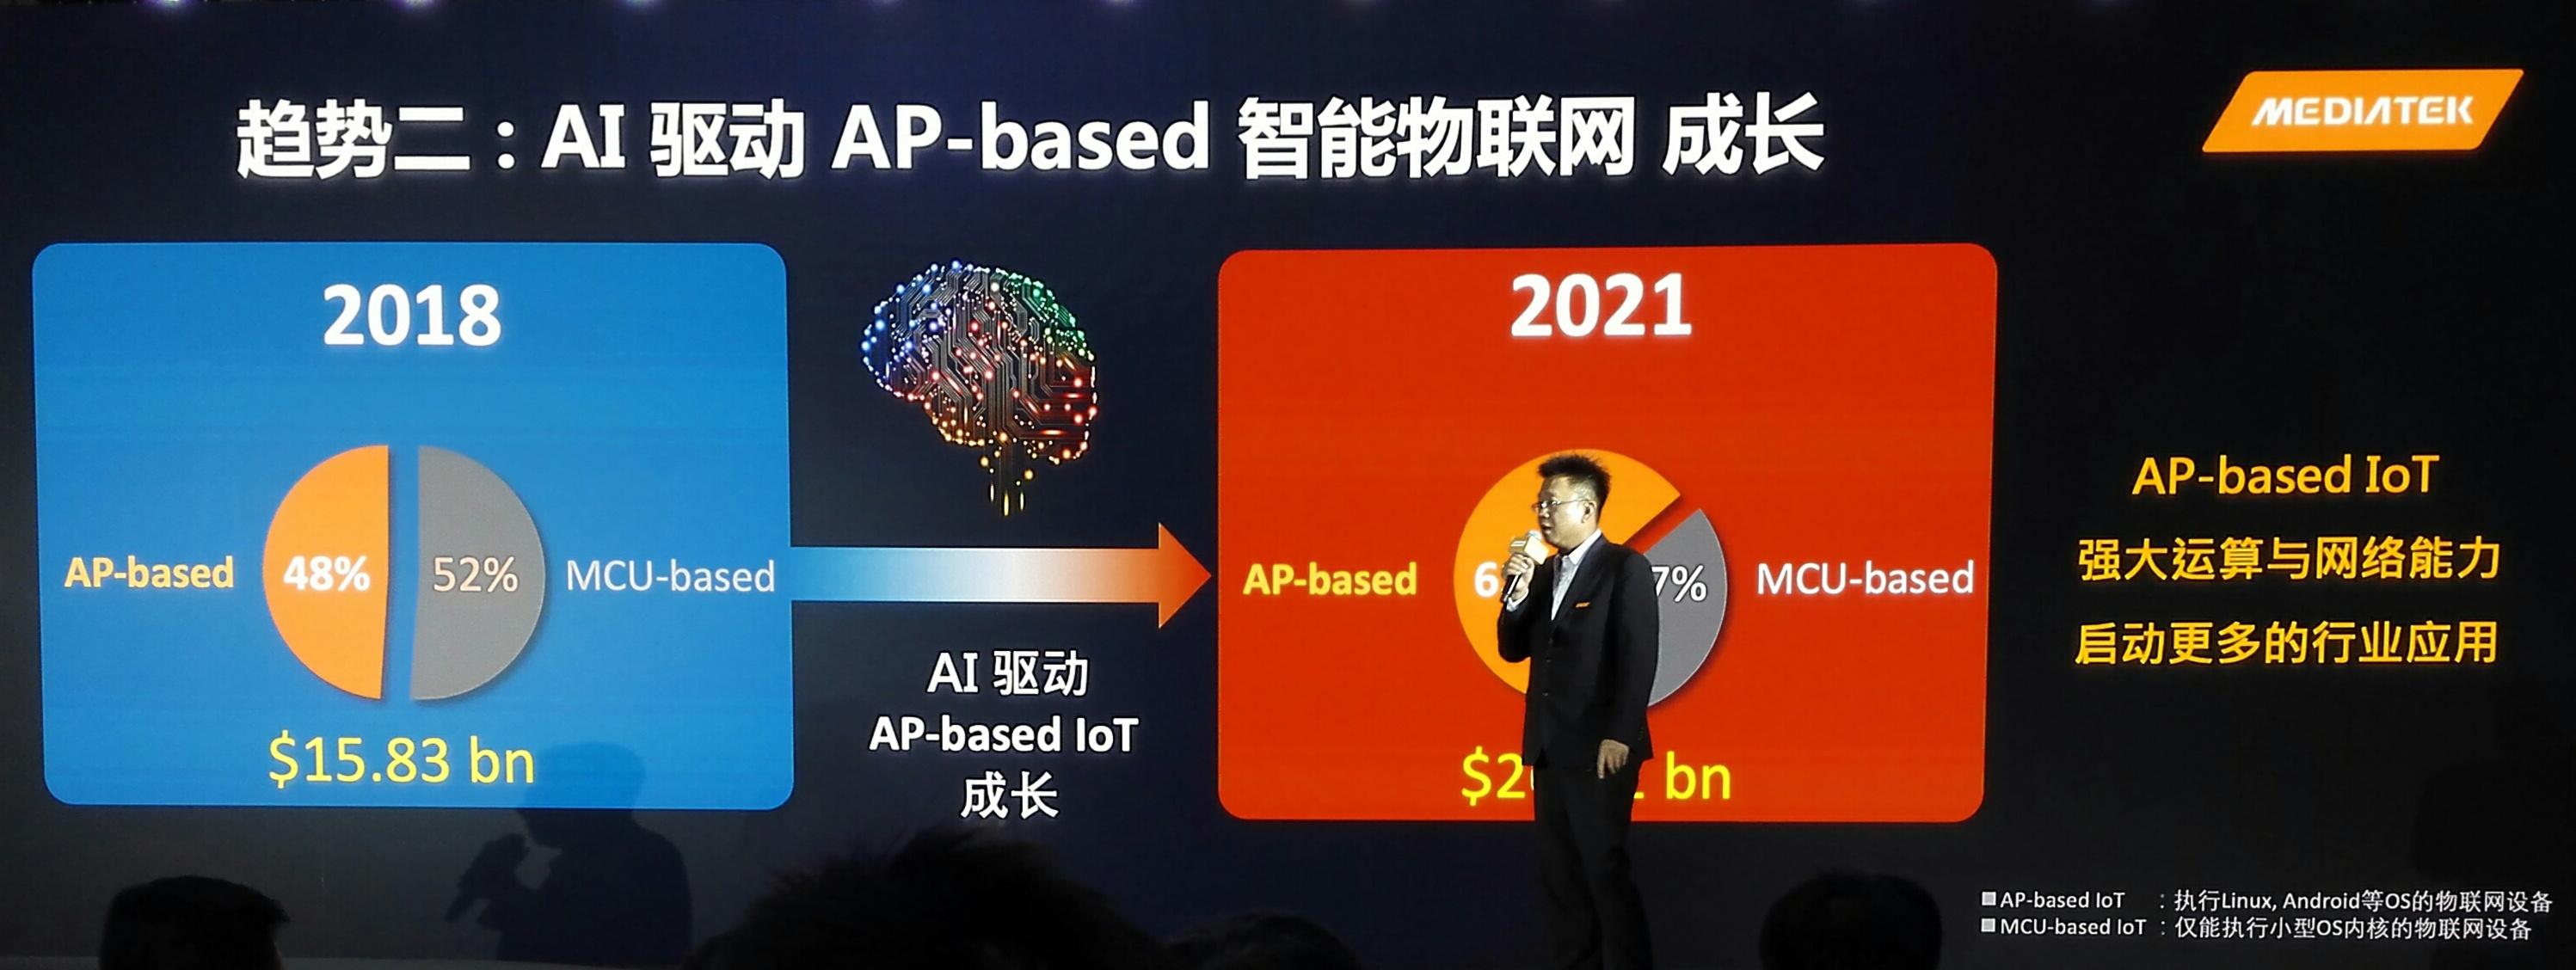 在AIoT领域,以营收比例来看,预计到2021年AP将超过MCU。